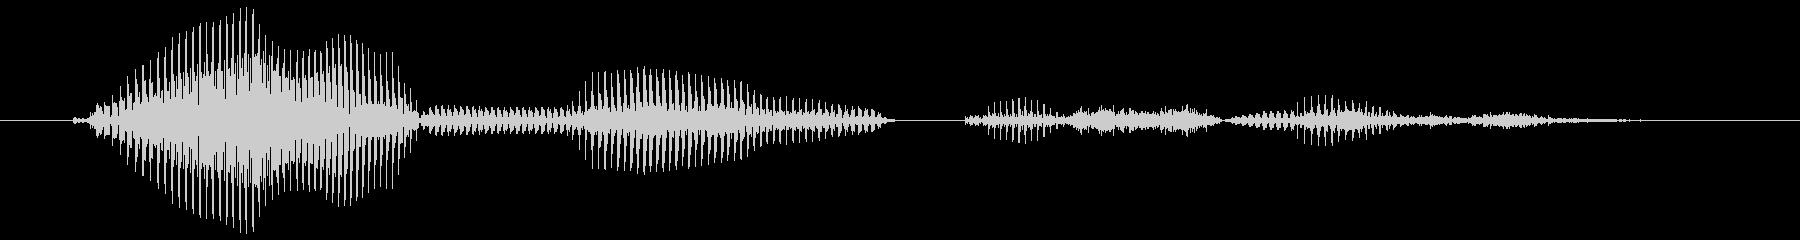 ご案内いたします。の未再生の波形